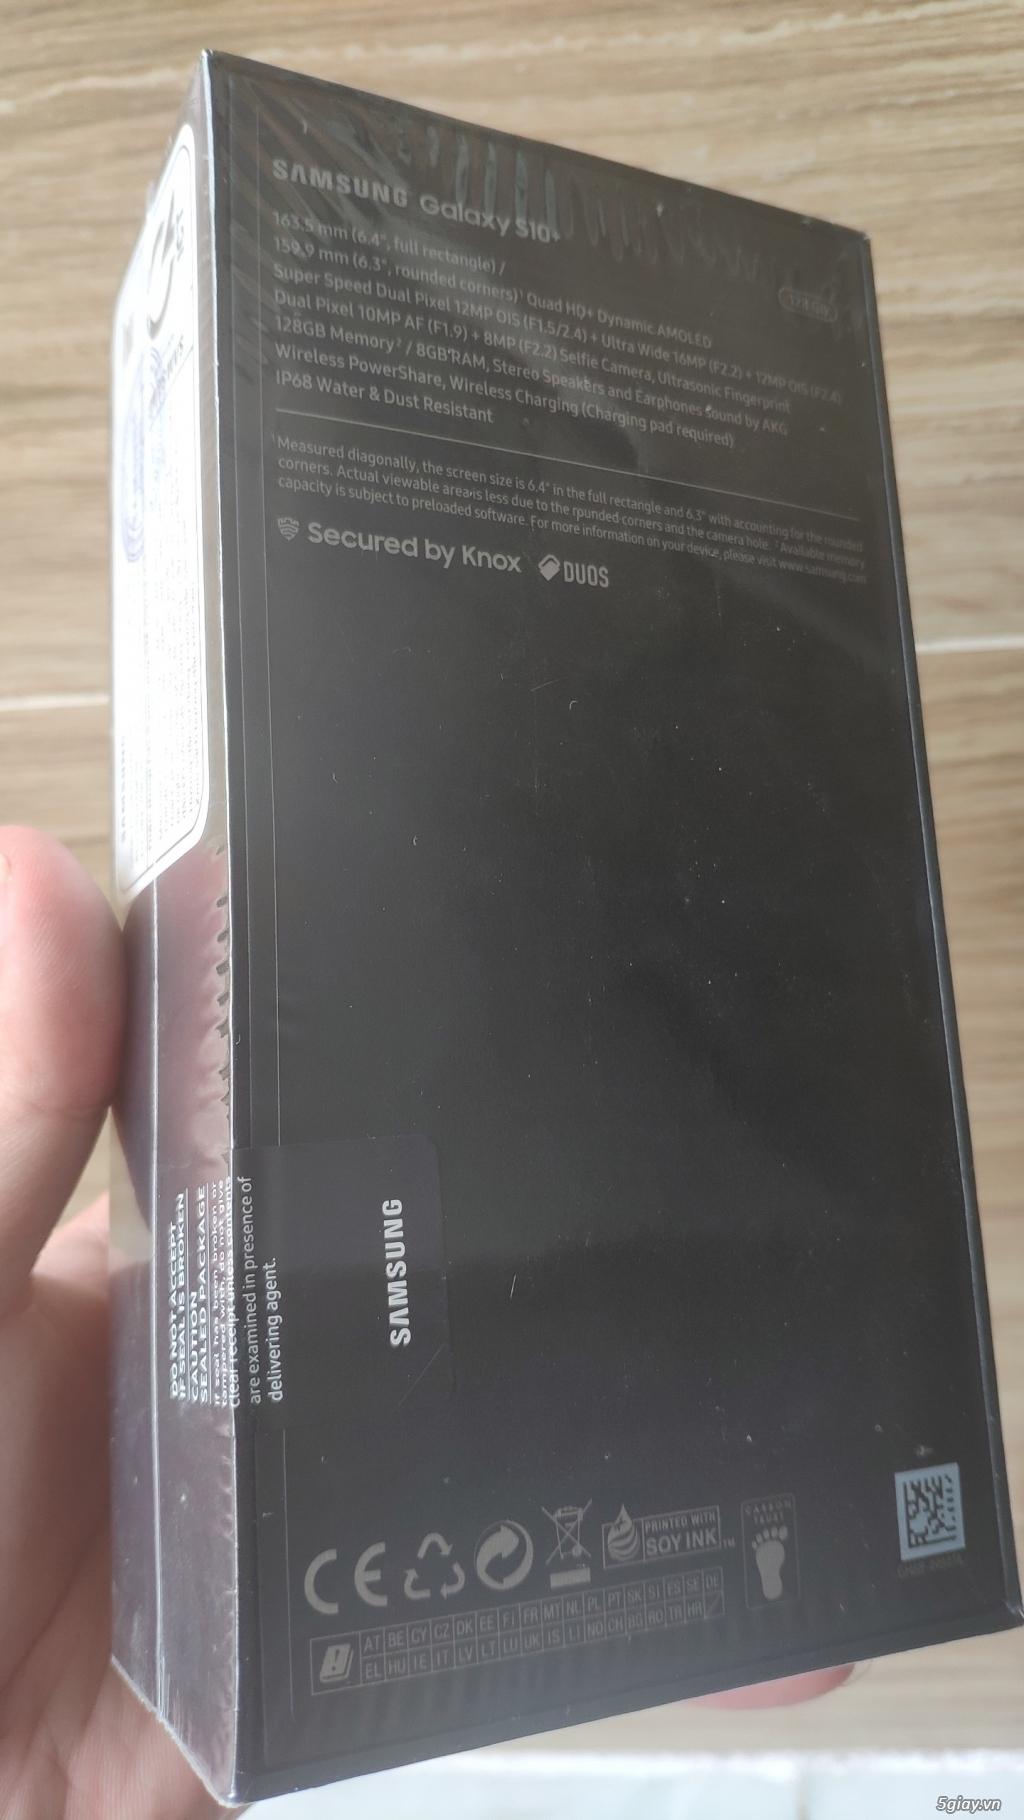 Galaxy S10 plus - prism white - 128gb chính hãng - fullbox nguyên seal - 2